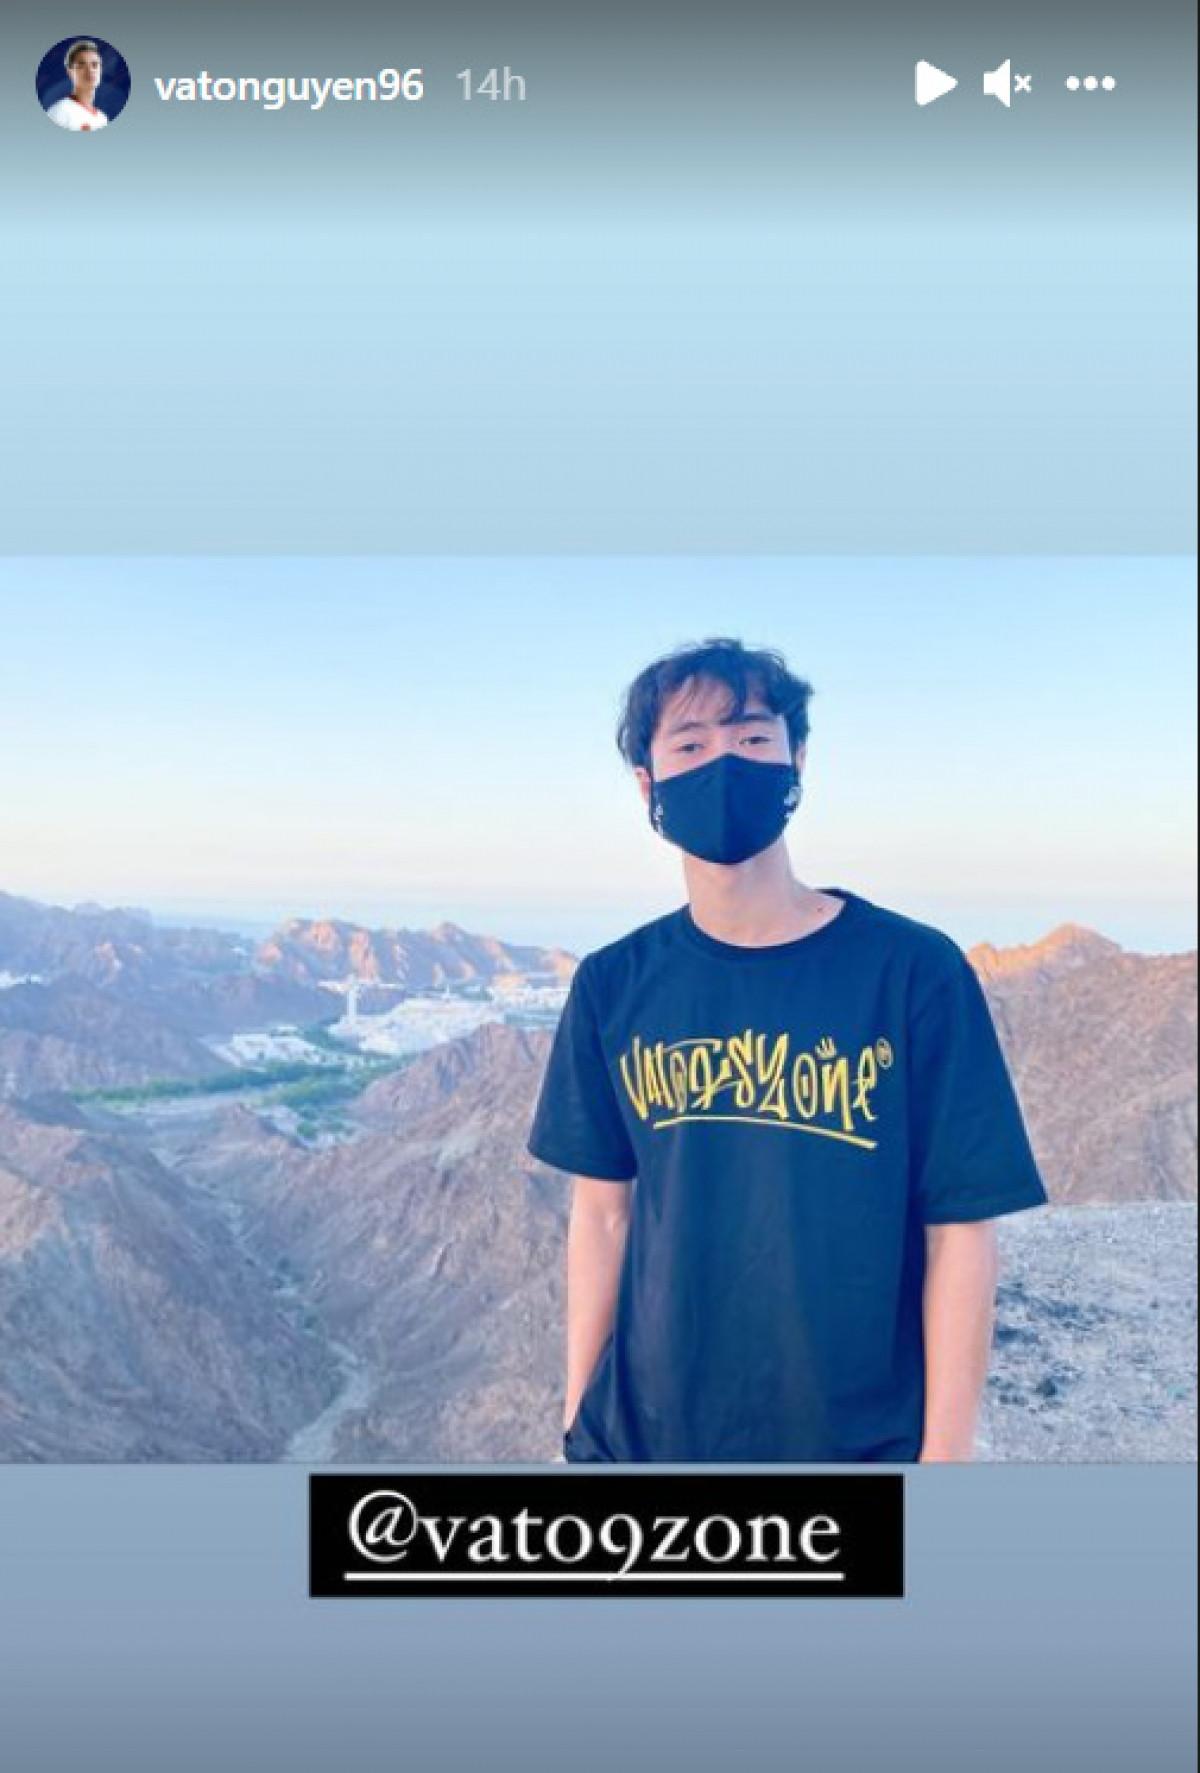 Văn Toàn cũng tranh thủ chụp ảnh ghi lại khoảnh khắc tham quan cảnh đẹp ở Oman.